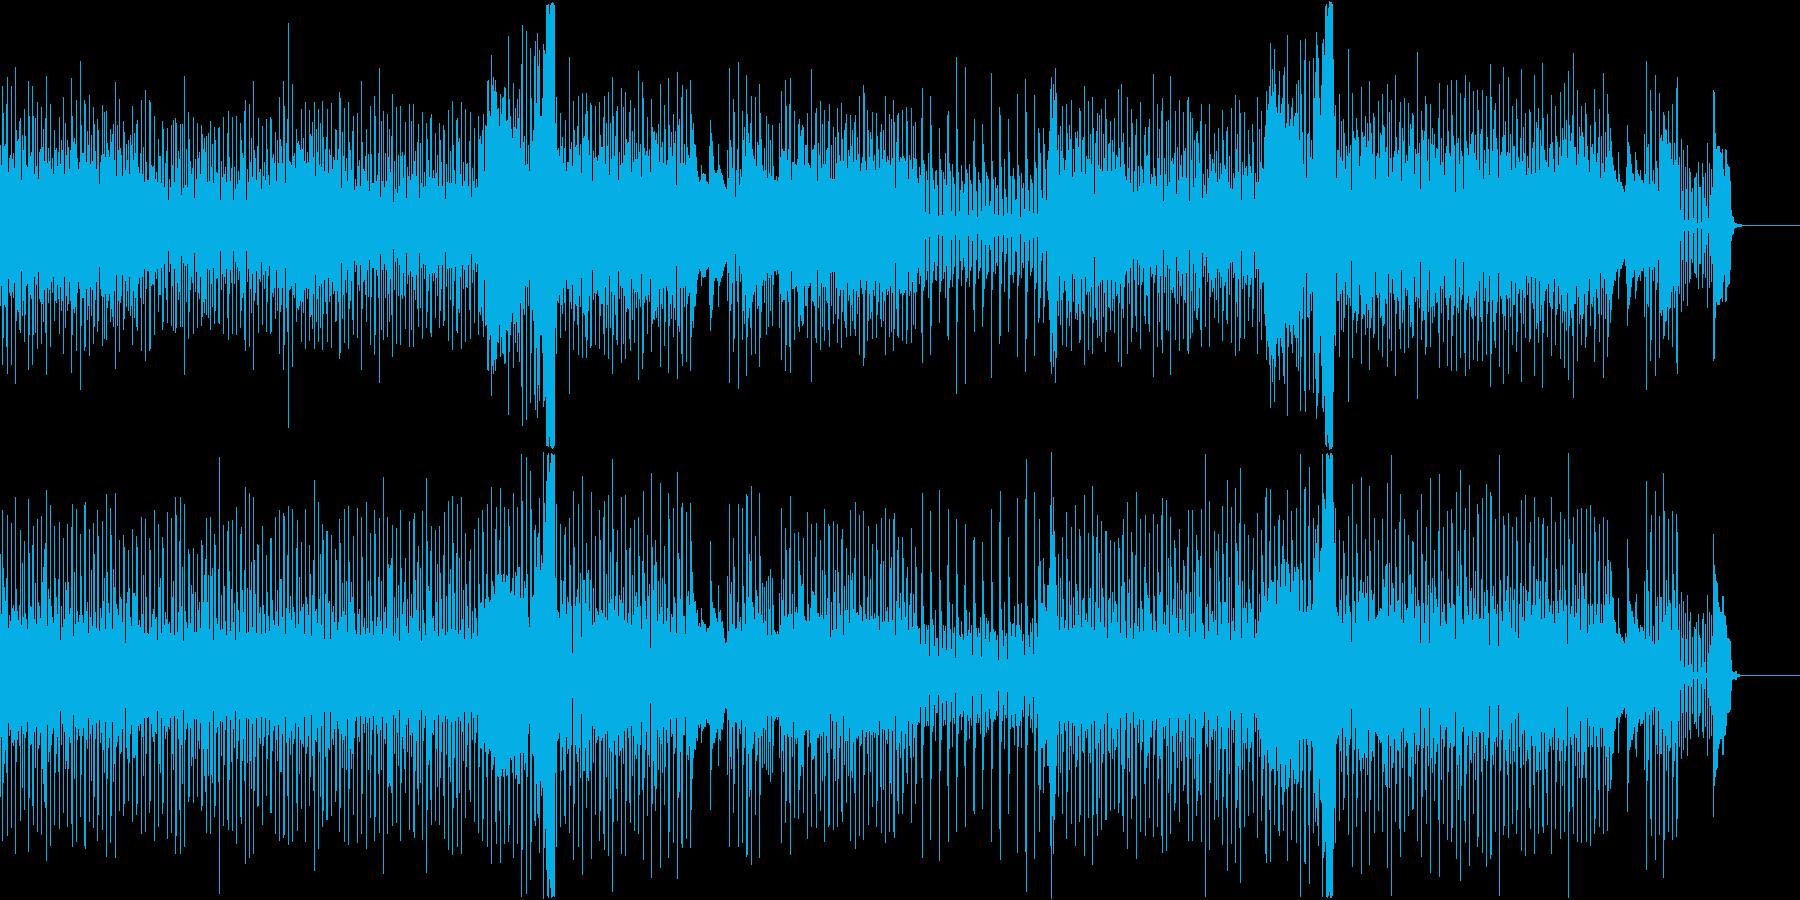 【メロディ・ドラム抜き】気分がハイになるの再生済みの波形